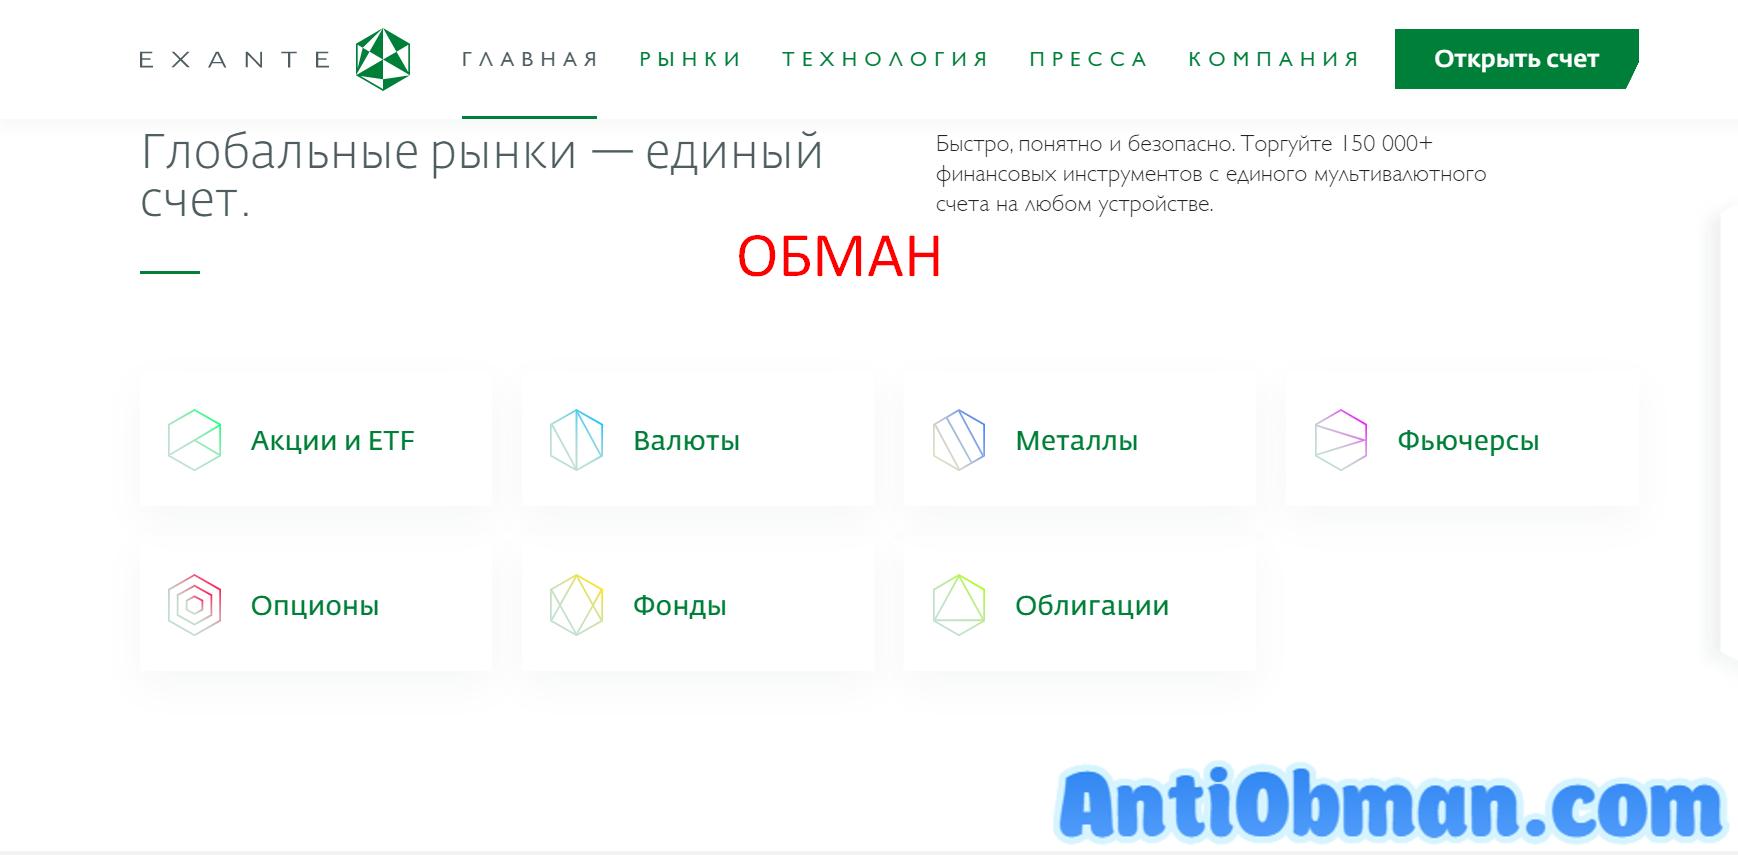 Брокер Exante (exante.eu) - отзывы трейдеров и обзор